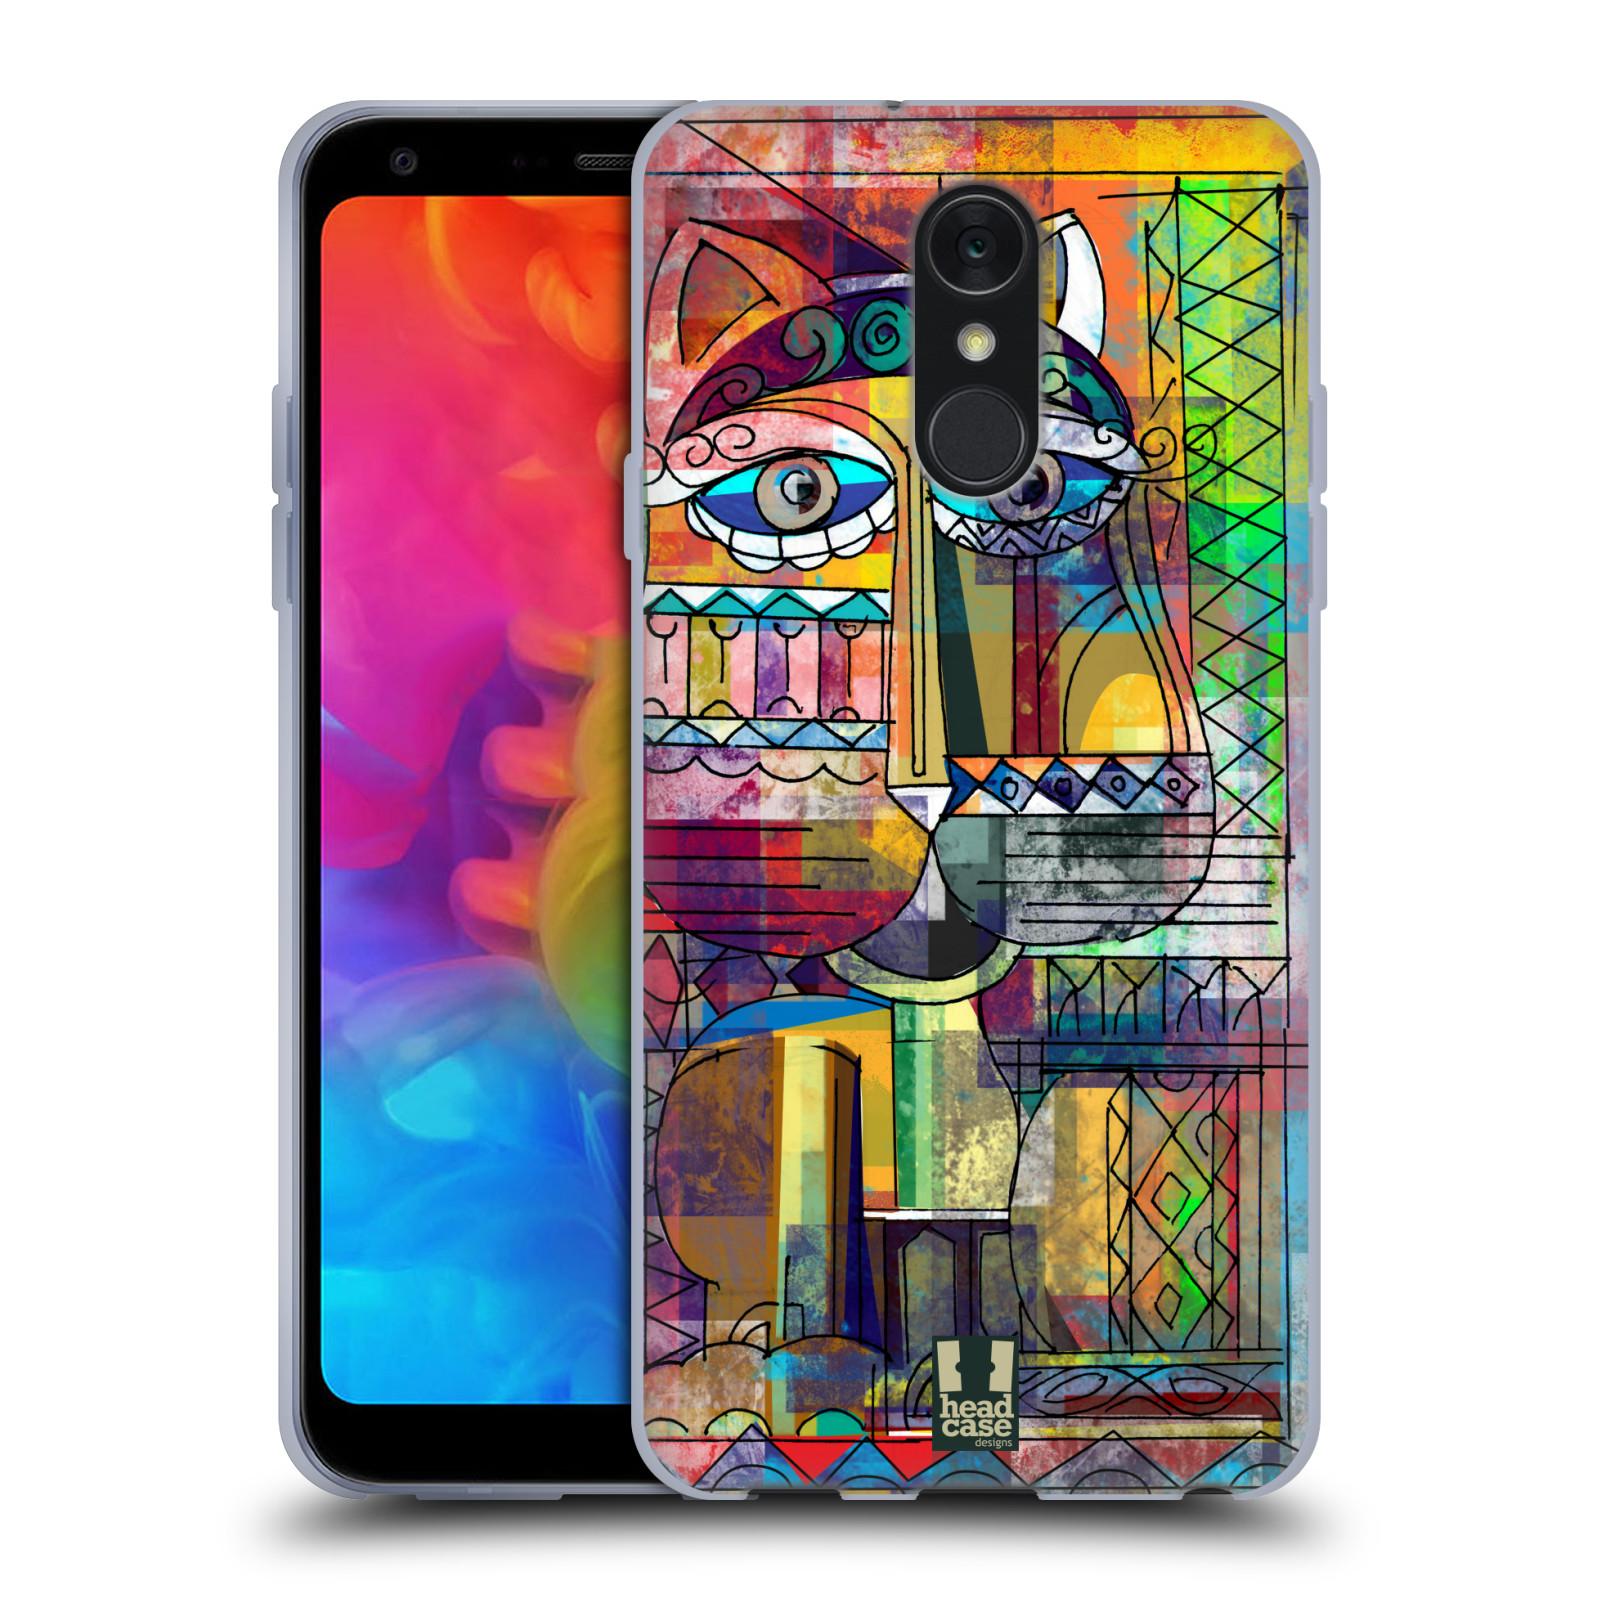 Silikonové pouzdro na mobil LG Q7 - Head Case - AZTEC KORAT